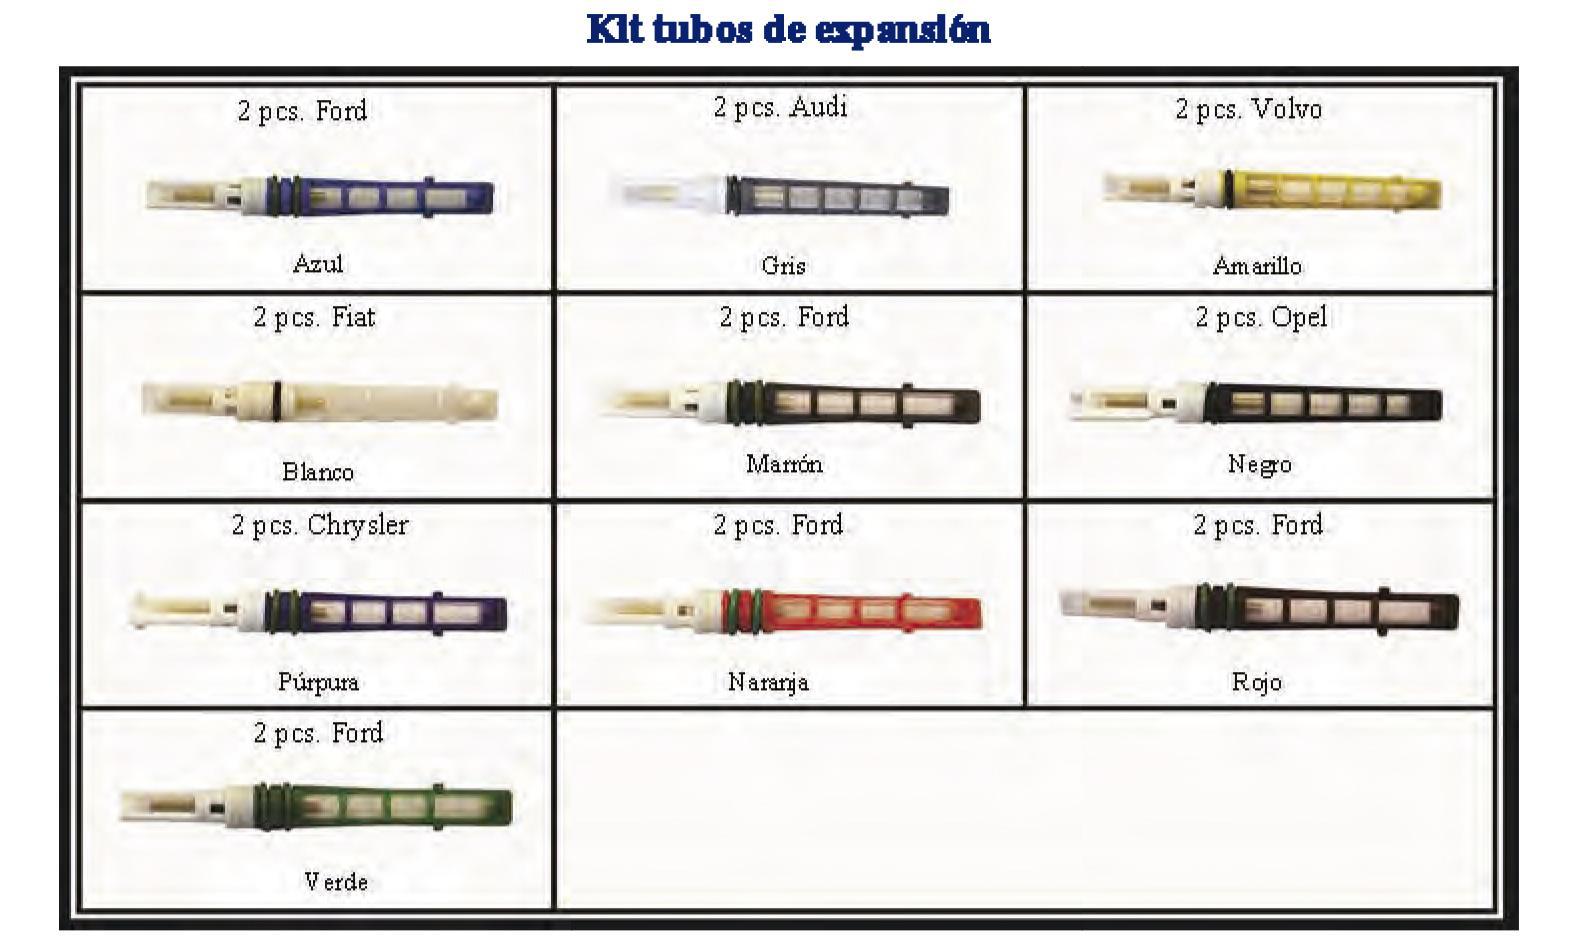 Kit Tubos de Expansión